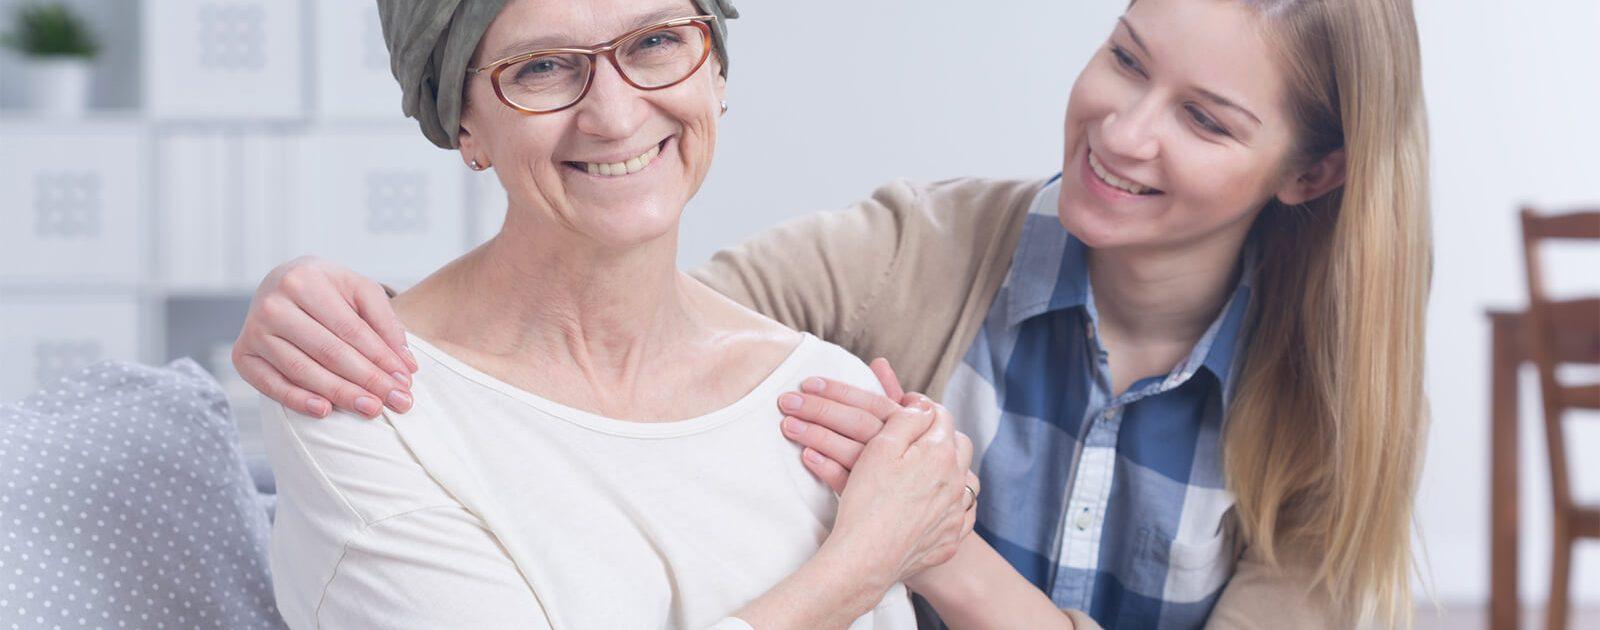 Frau leidet unter Neuropathie nach einer Chemotherapie